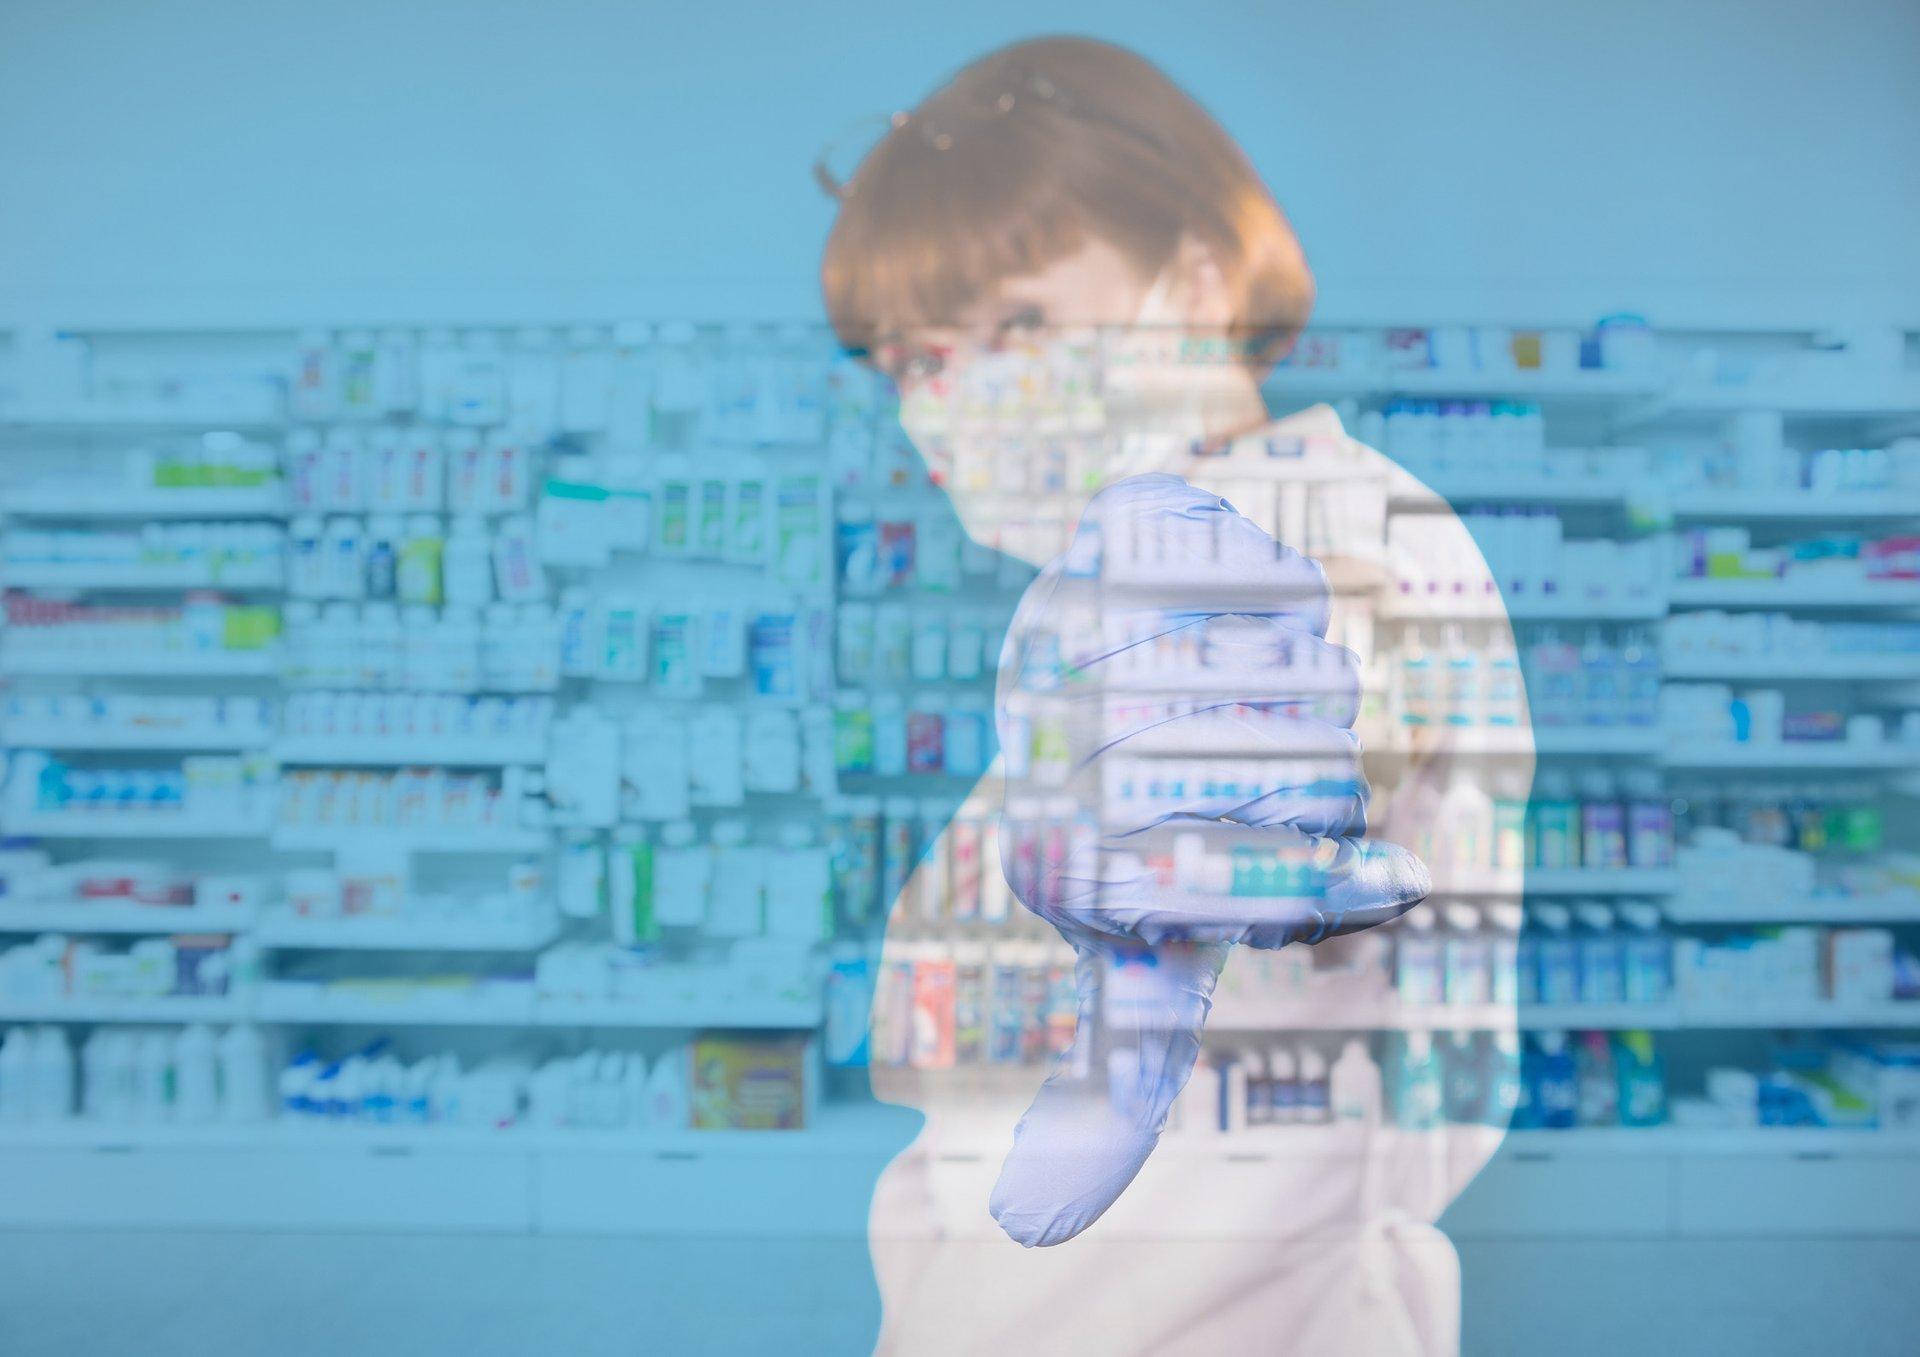 Nieznajomość prawa szkodzi - aptekarzom. W odpowiedzi resortu ws. zajęć dla dzieci medyków zabrakło... sedna